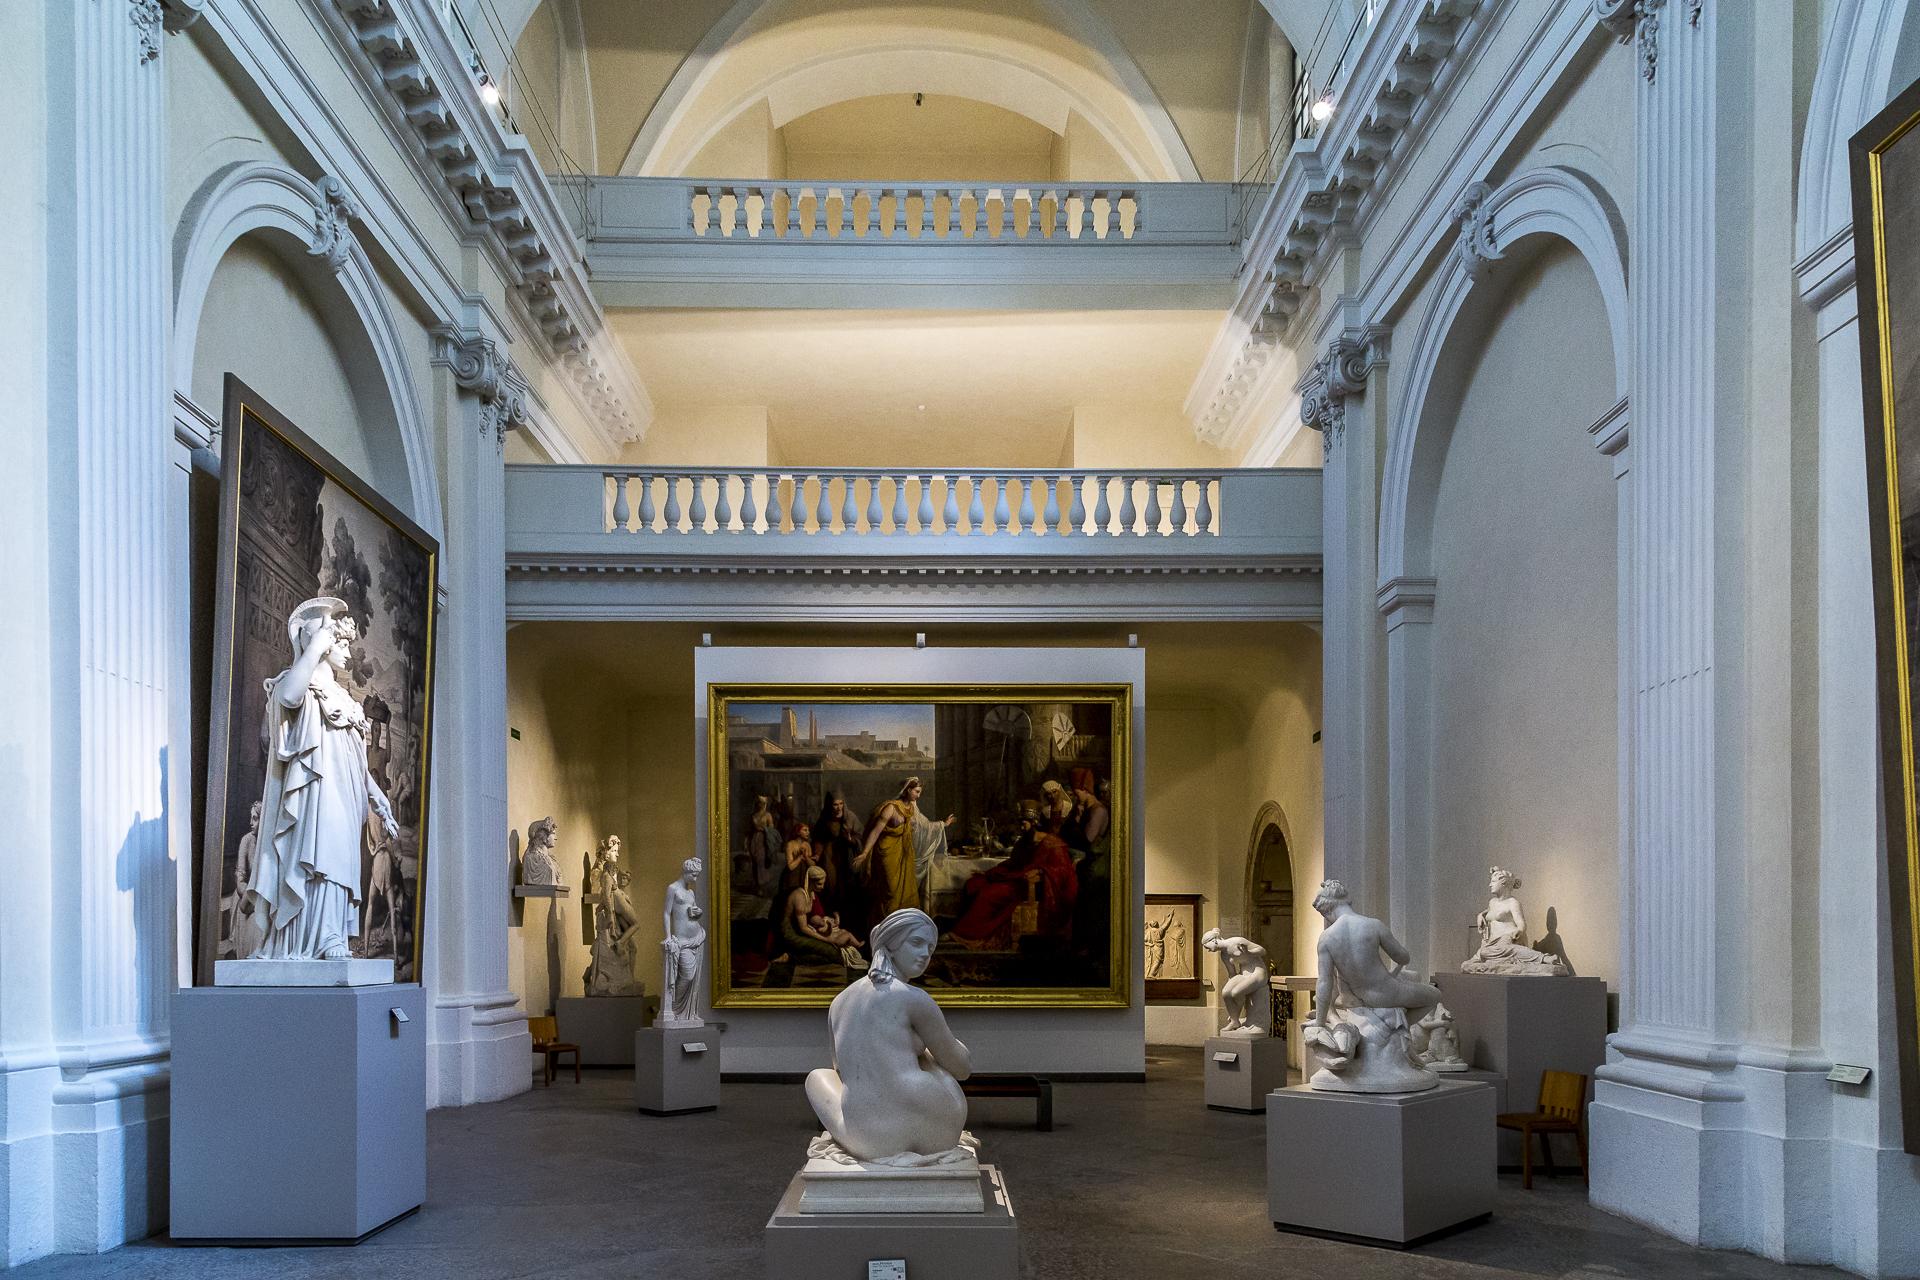 Musee-des-des Beaux-Arts